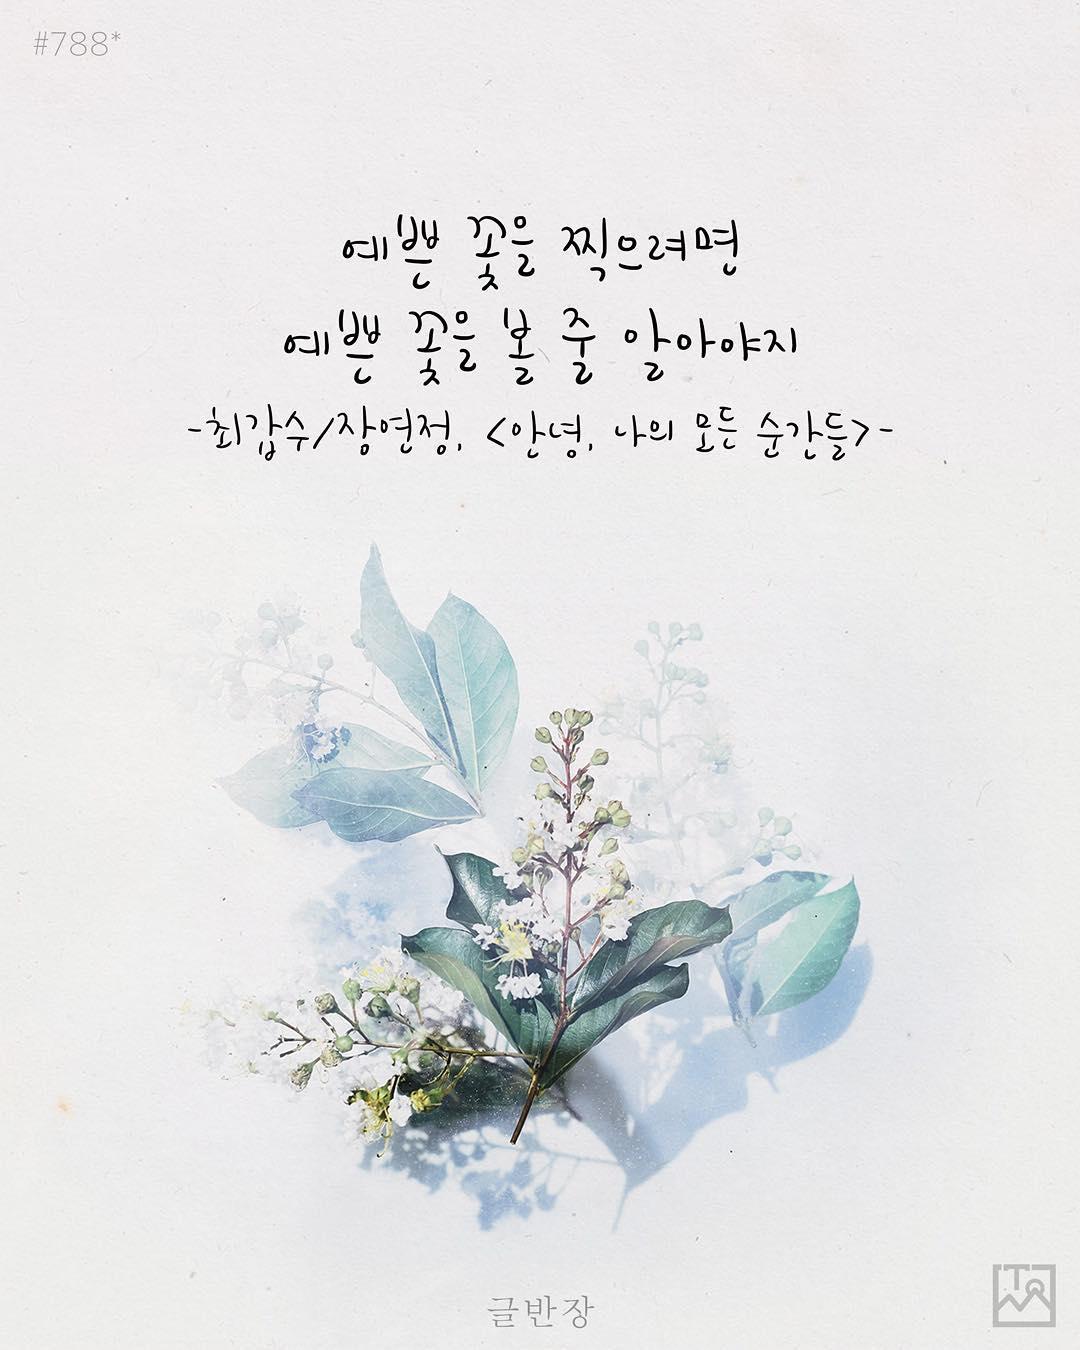 예쁜 꽃을 찍으려면 - 최갑수/장연정, <안녕, 나의 모든 순간들>